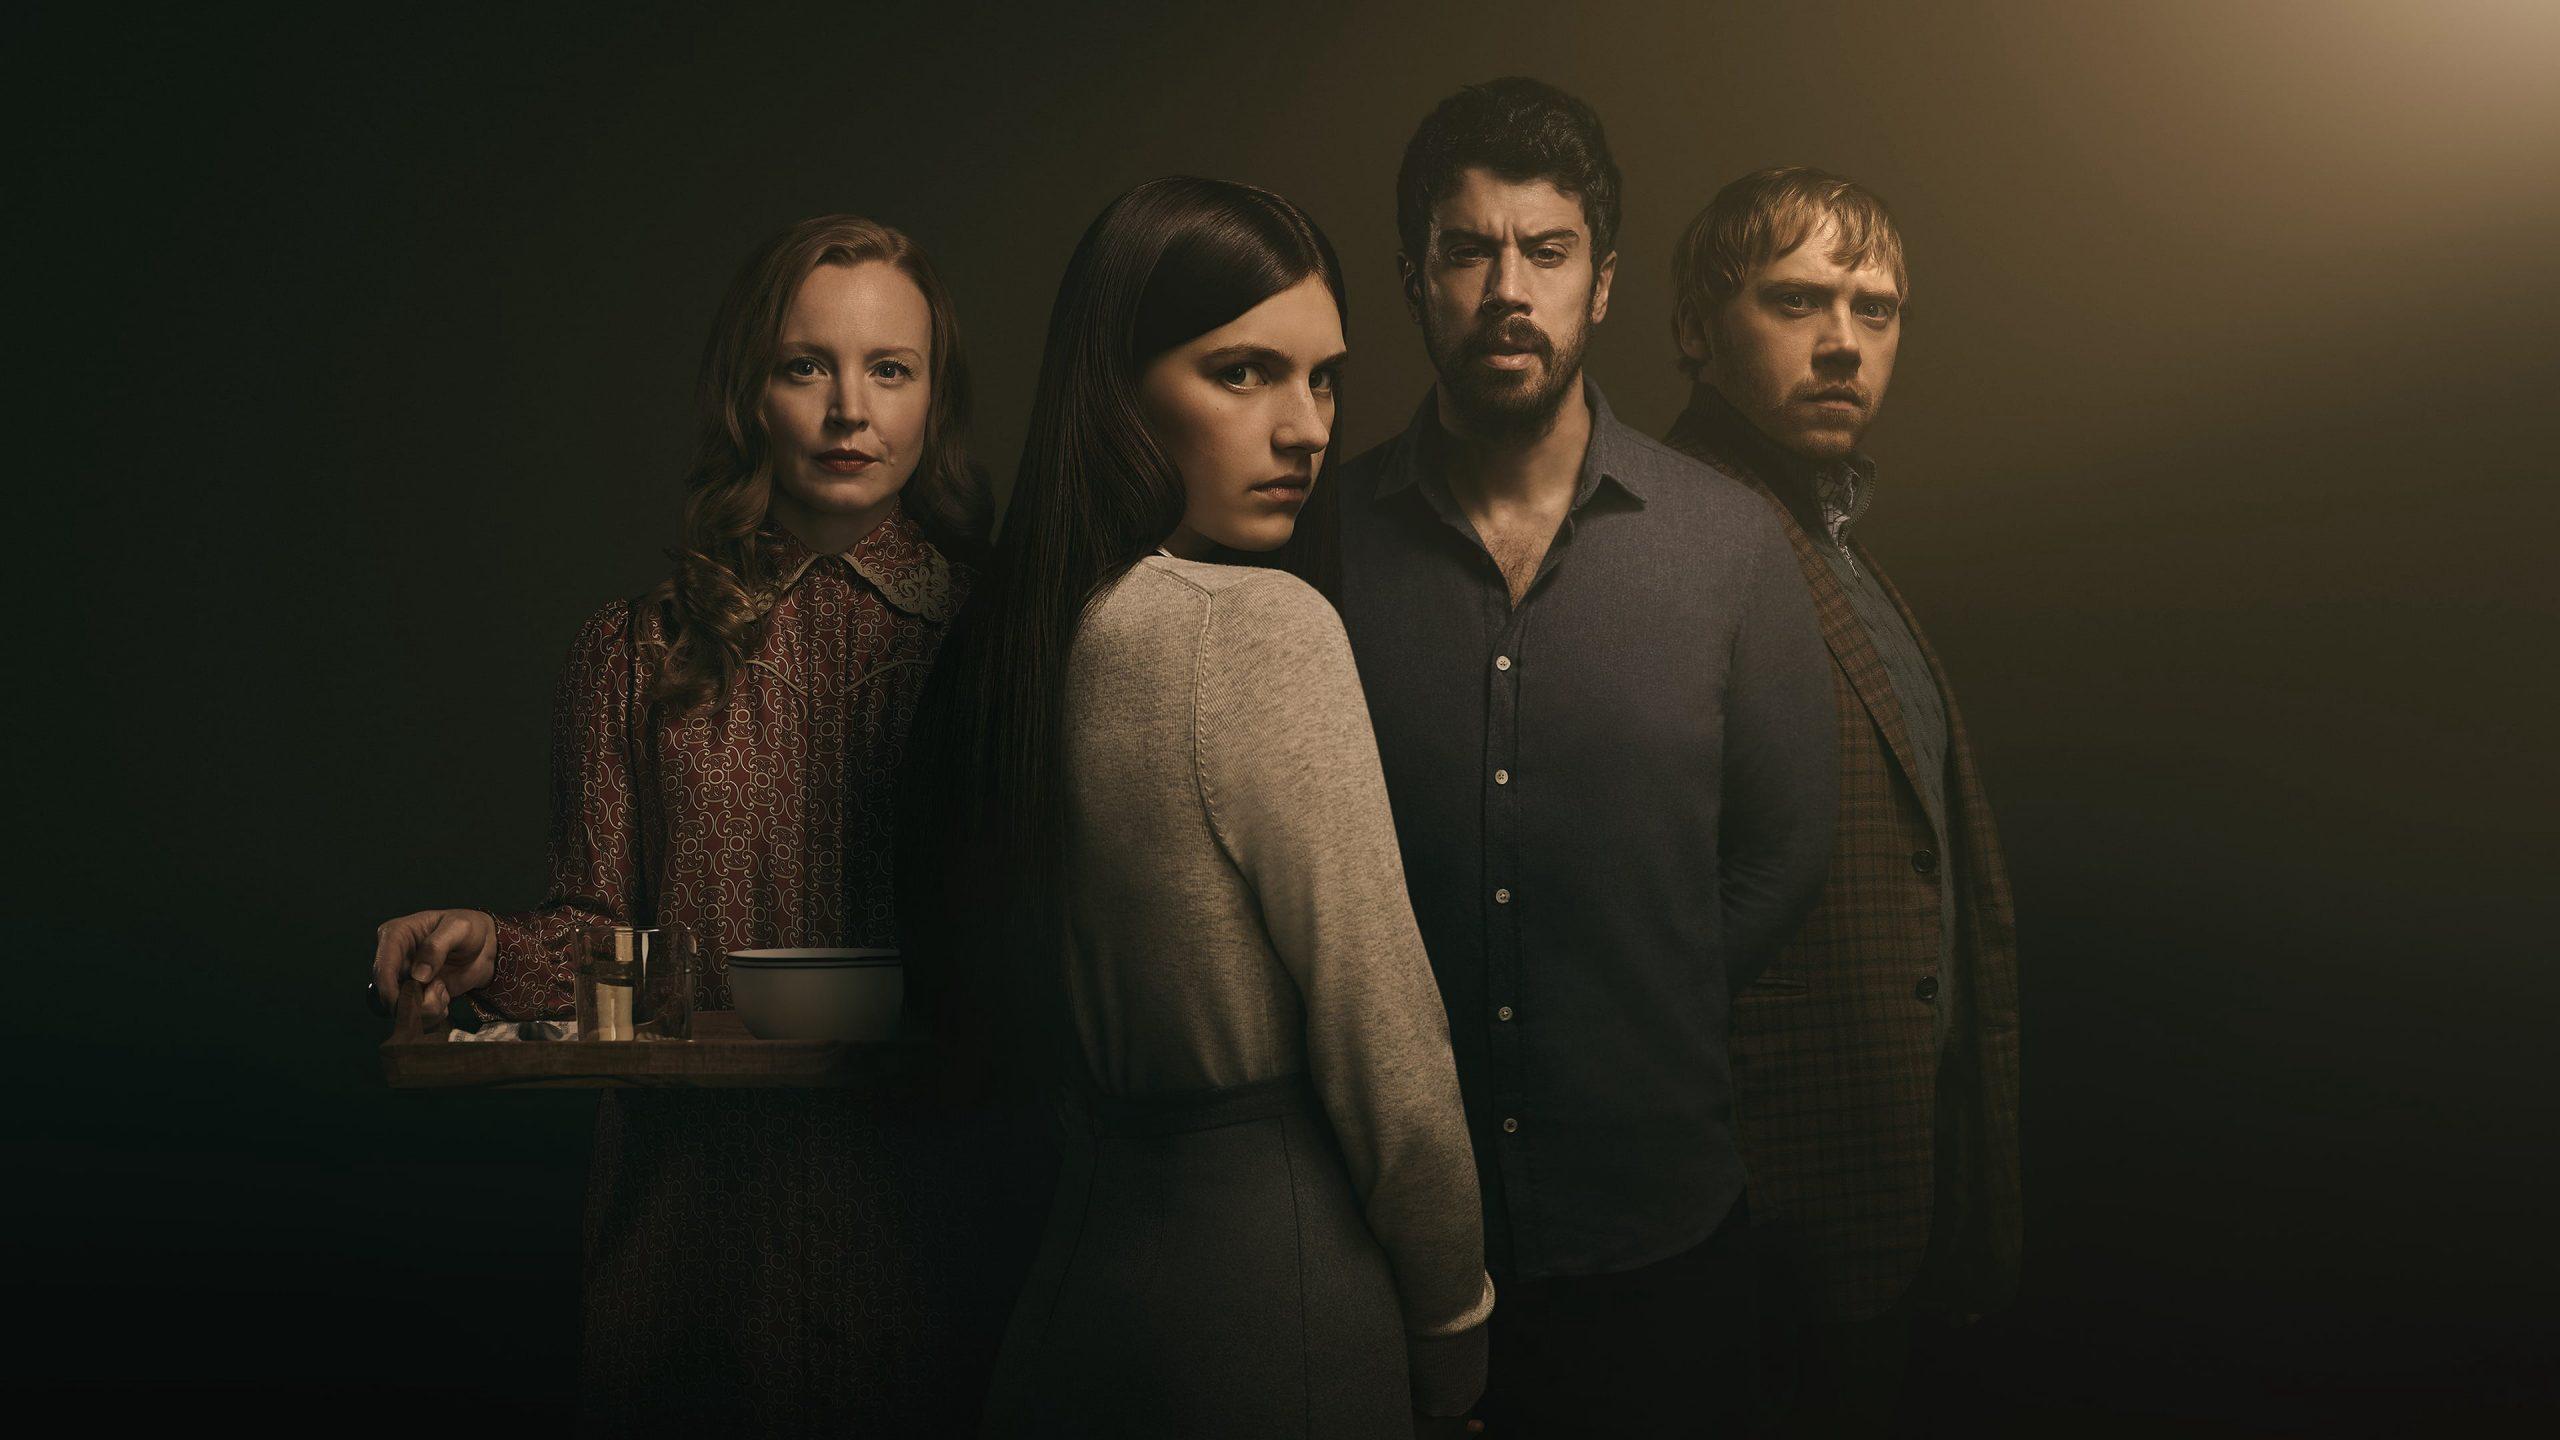 Servant Season 2 episode 4 ending explained